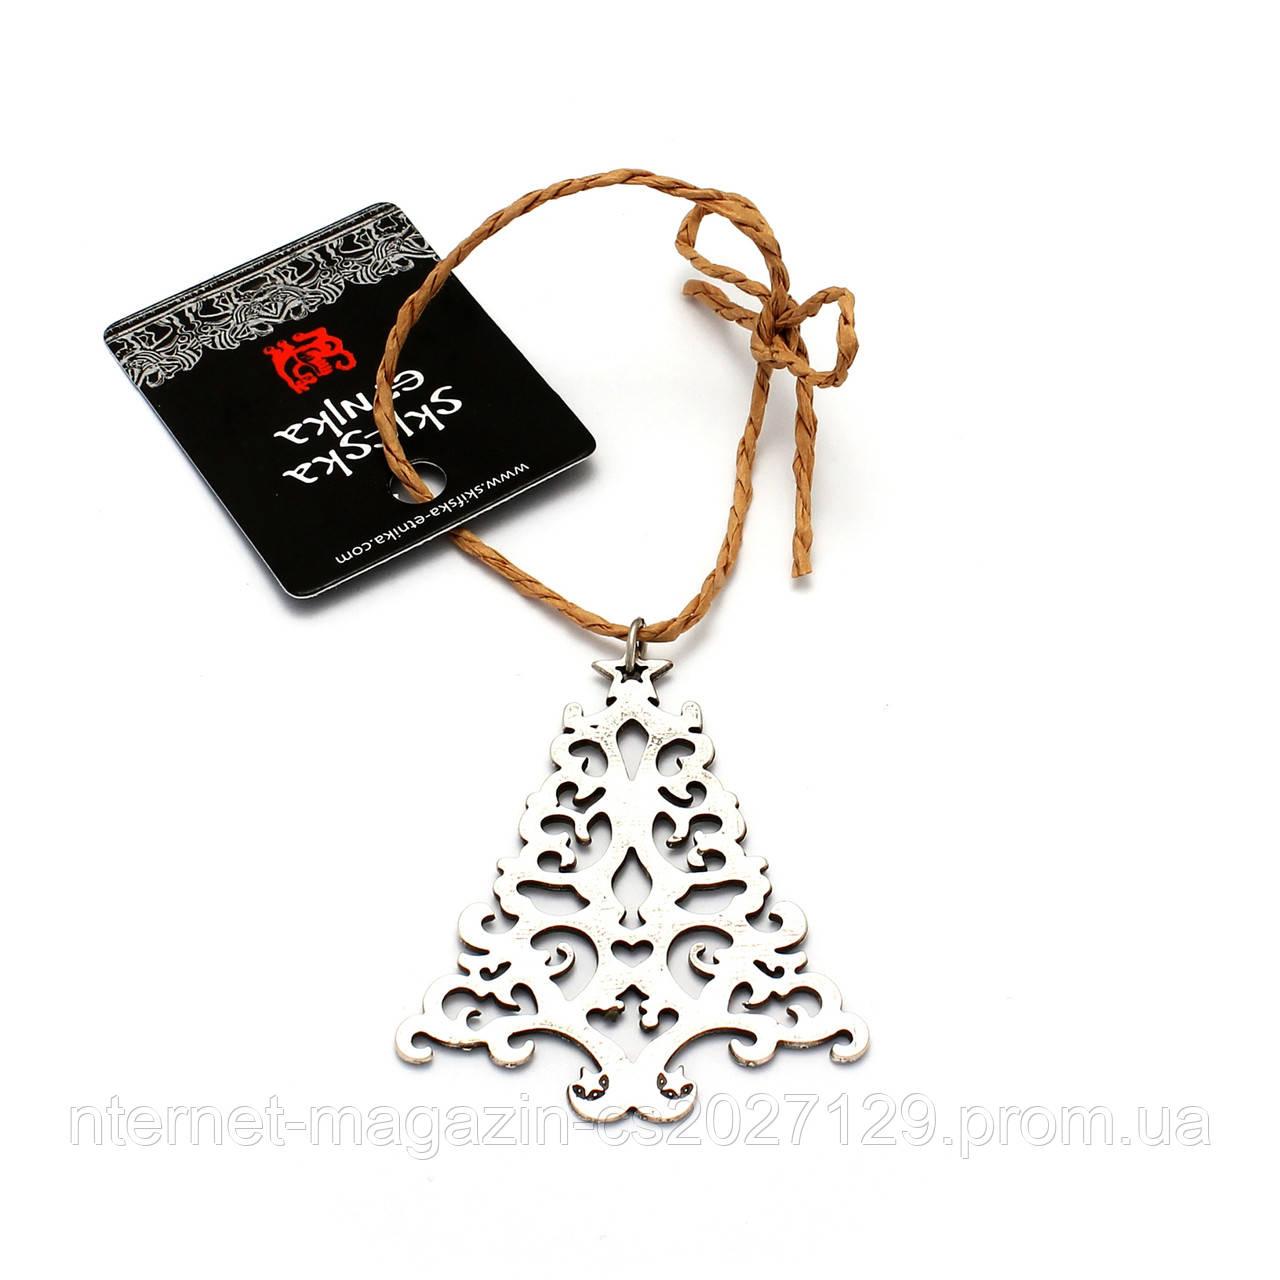 Игрушка Новогодняя ёлка, Зимняя Сказка (серебро)